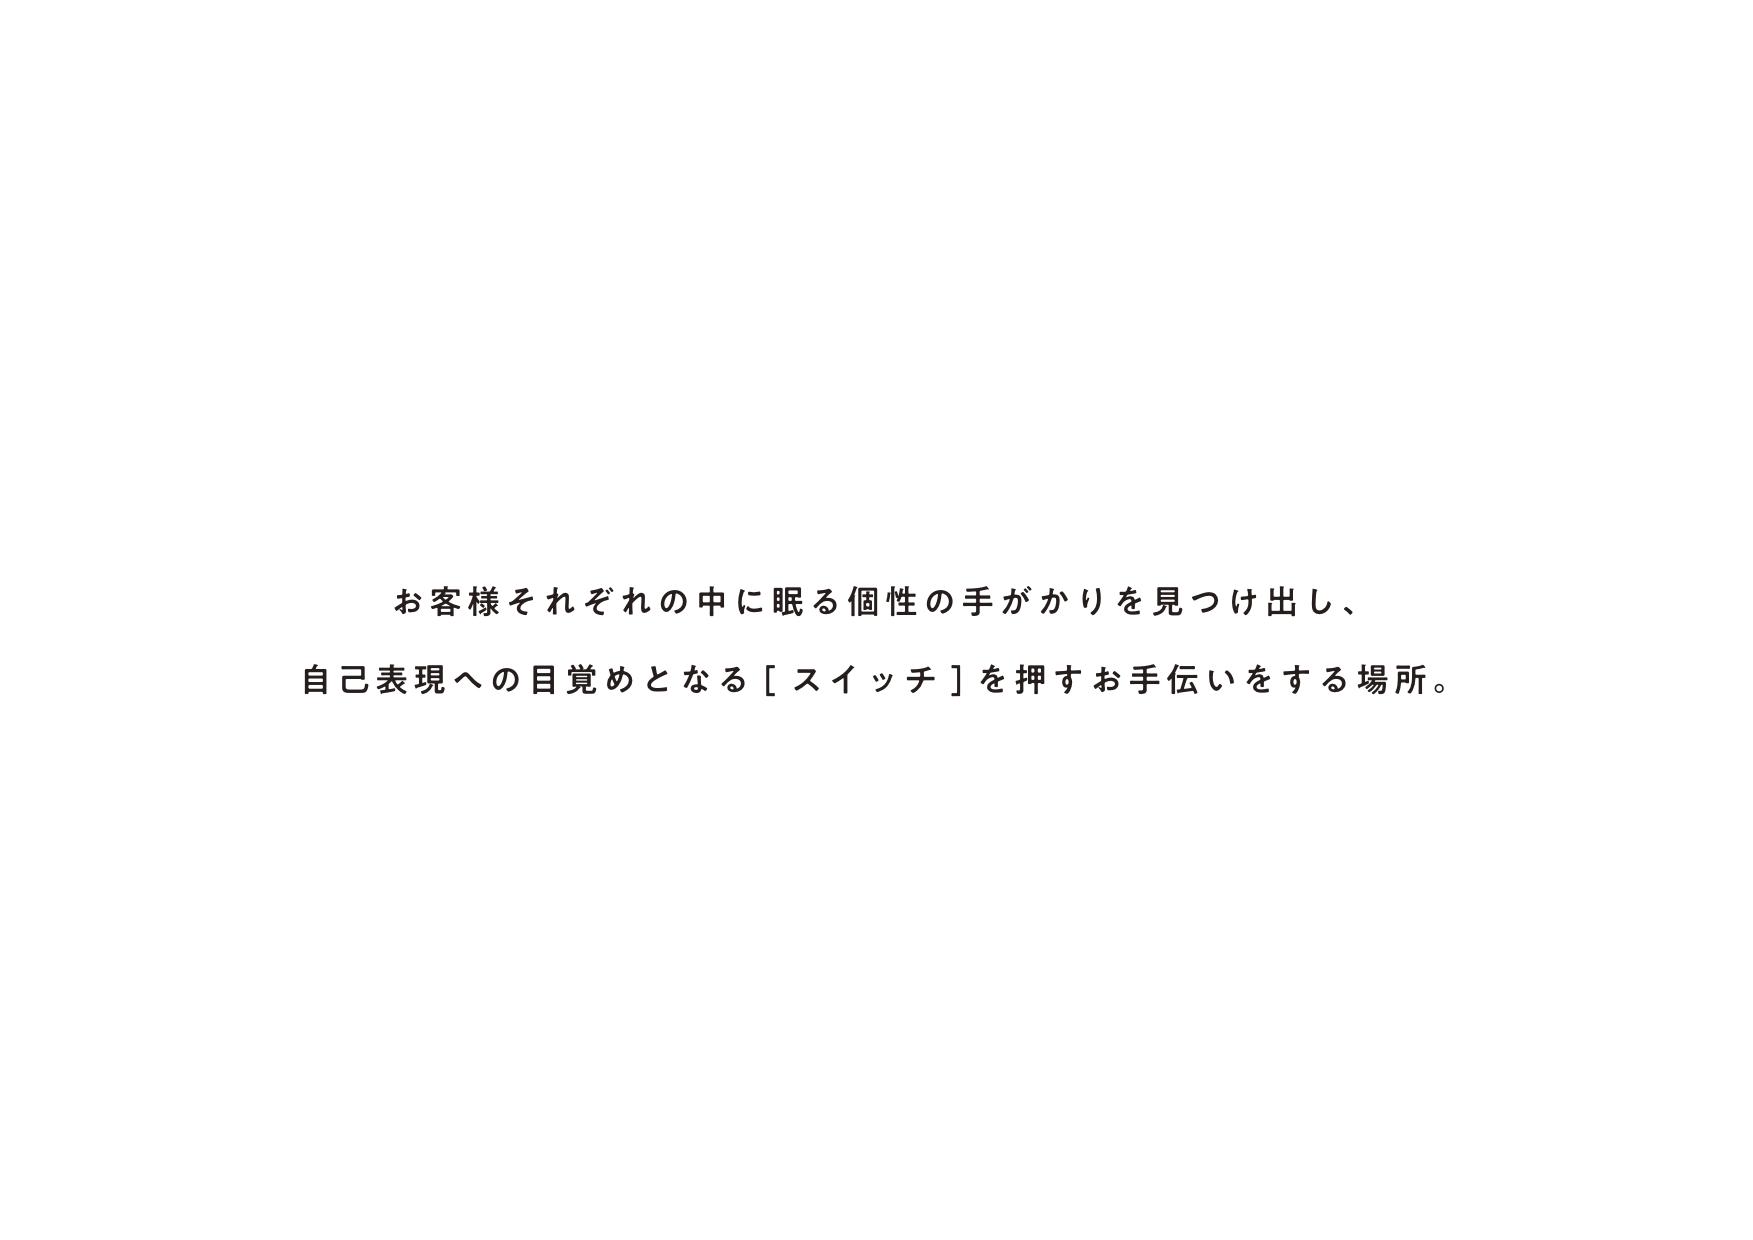 ruqwa_logo_0916_1.jpg